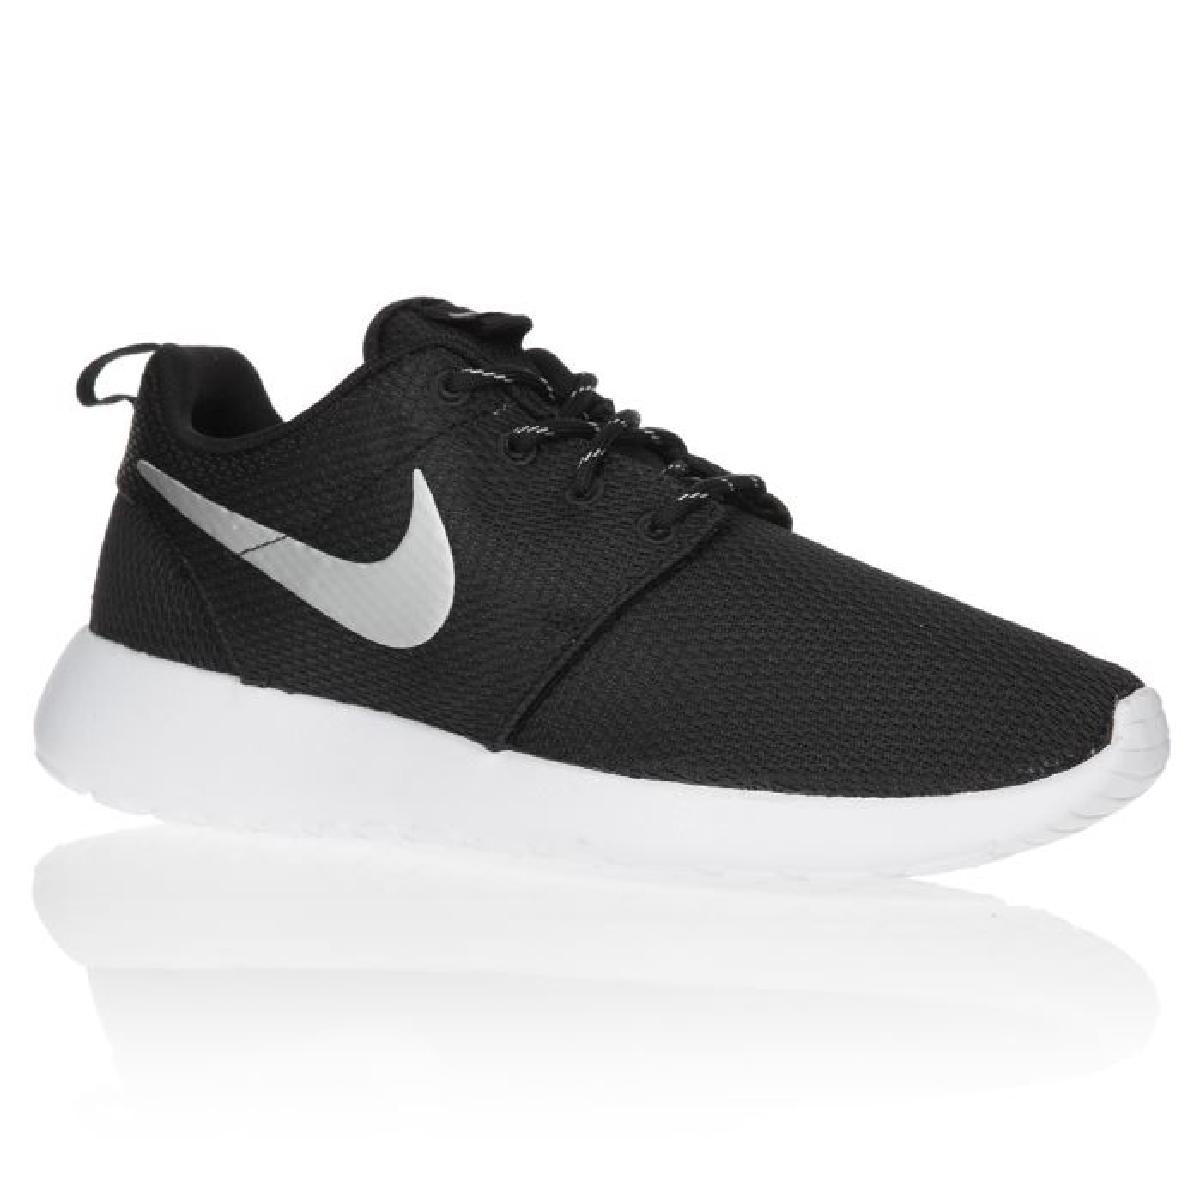 innovative design b2e65 2a09d Je veux trouver des vêtements de sports fitness running de qualité et pas  cher ICI Nike chaussure femme